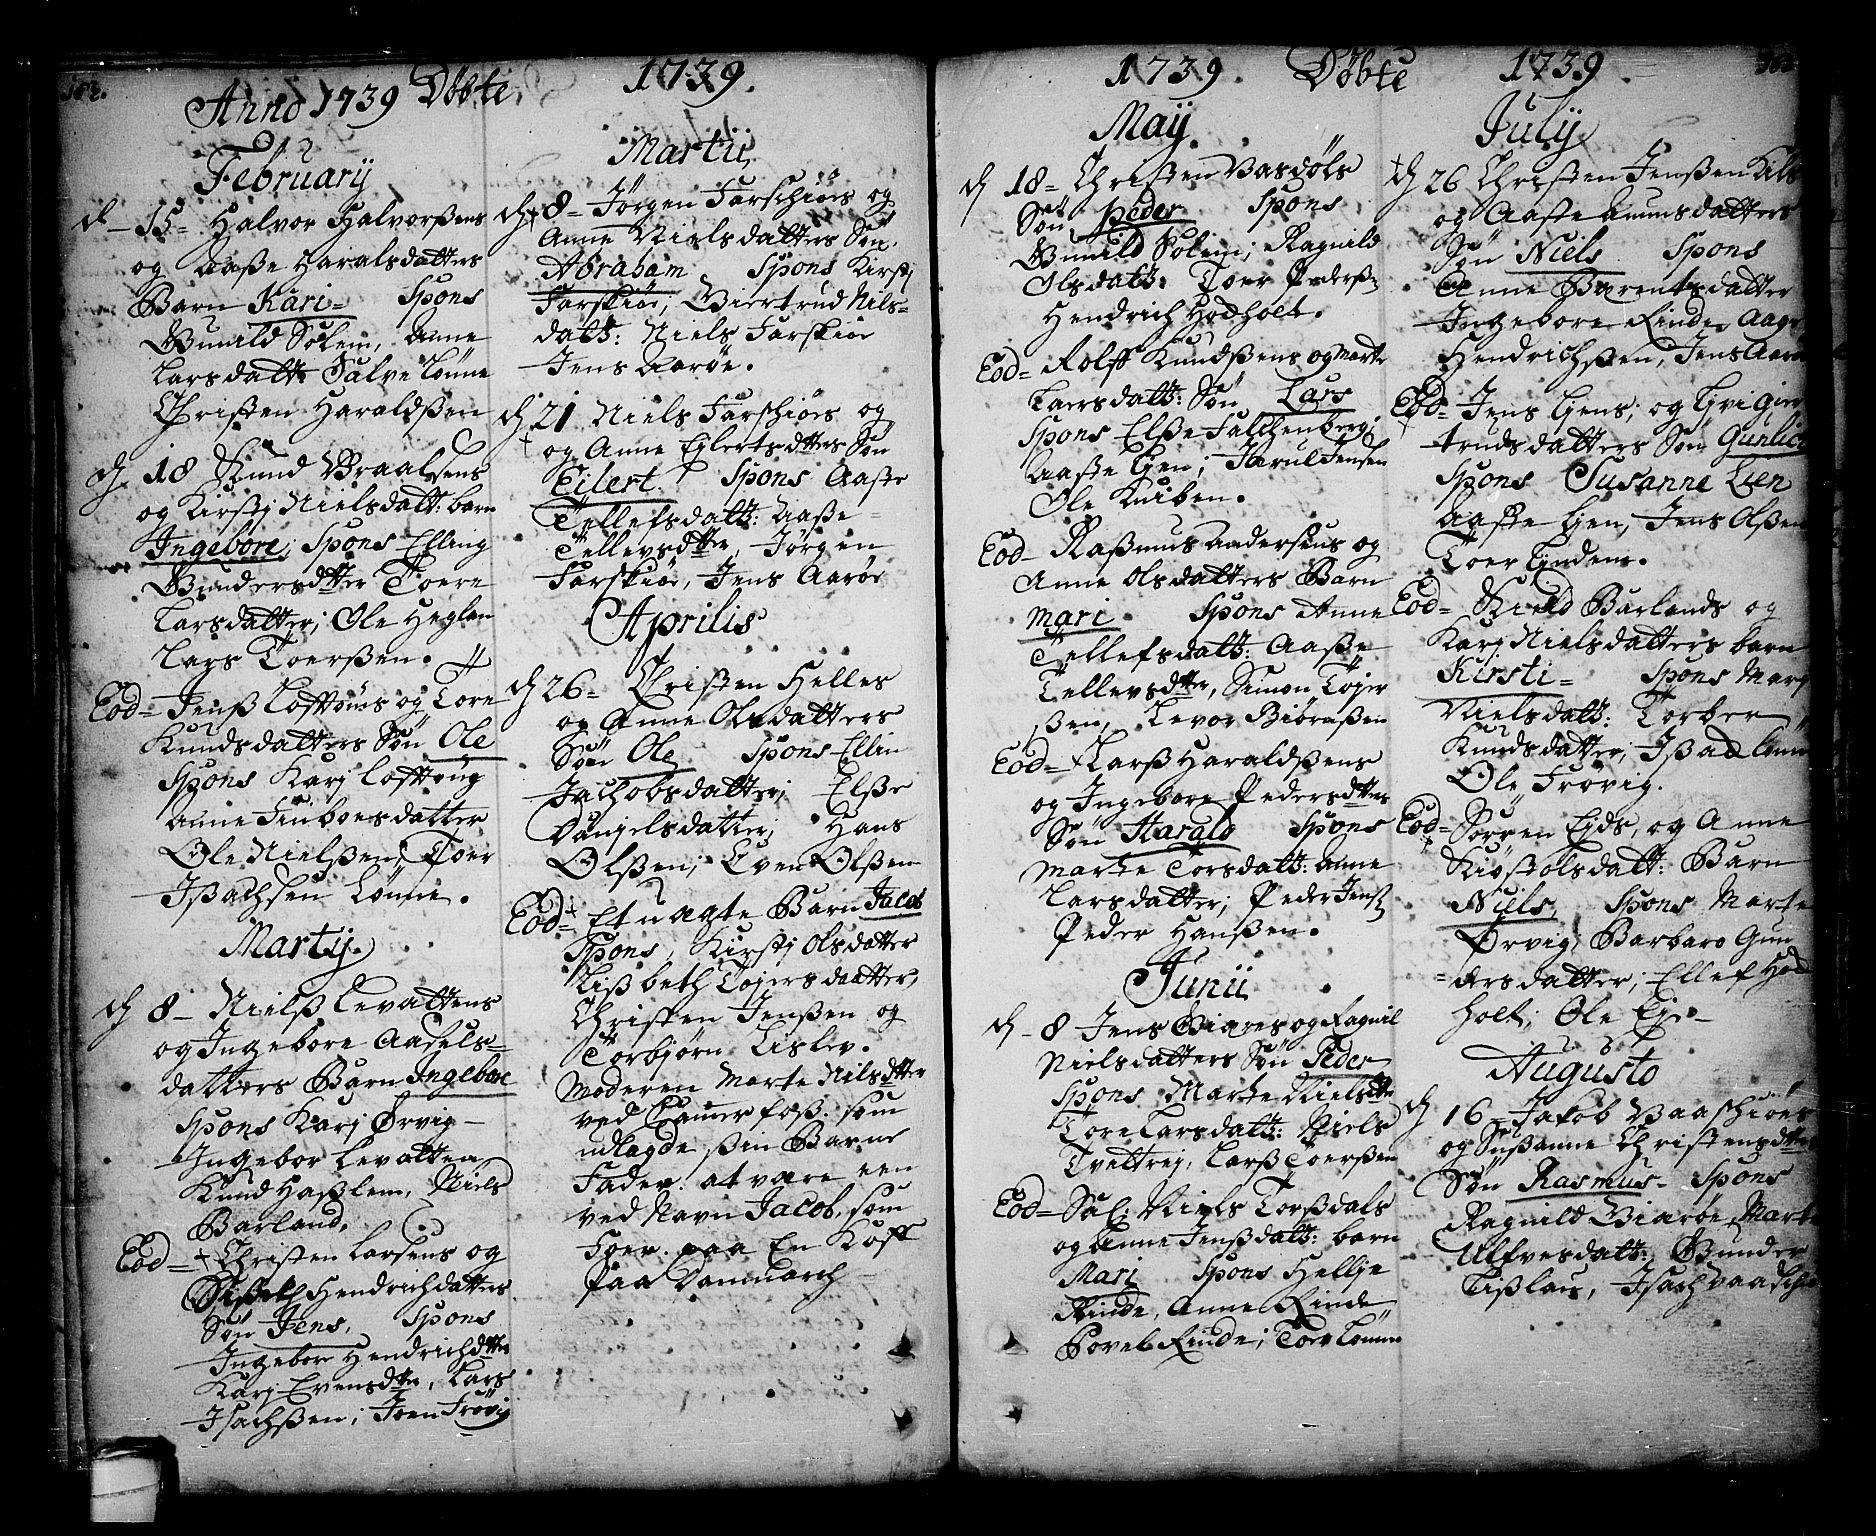 SAKO, Sannidal kirkebøker, F/Fa/L0001: Ministerialbok nr. 1, 1702-1766, s. 162-163